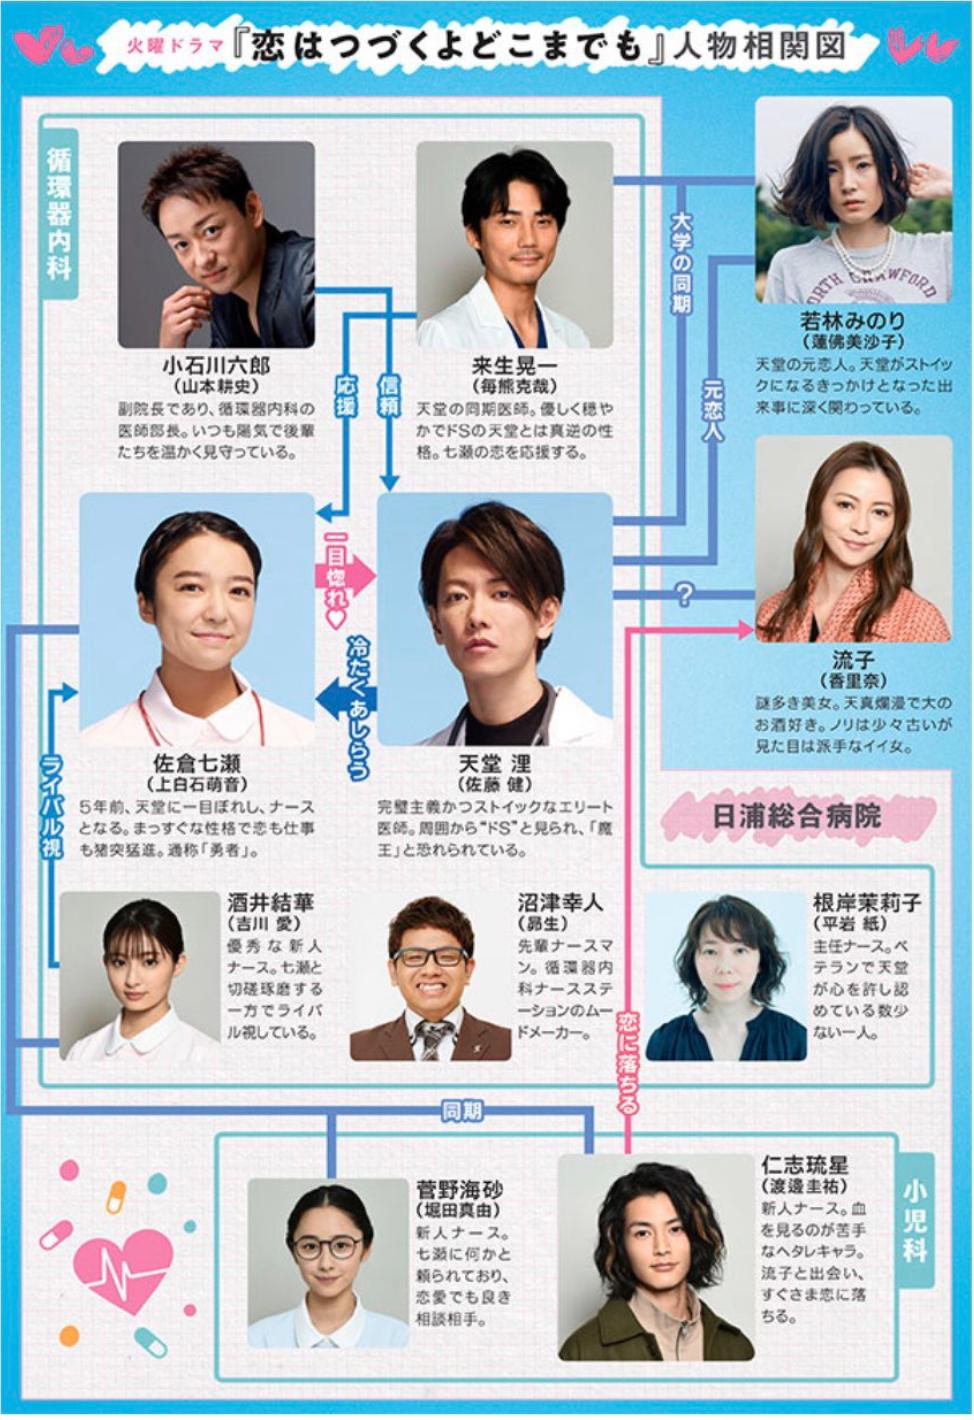 恋 つづ ダイジェスト 放送 地域